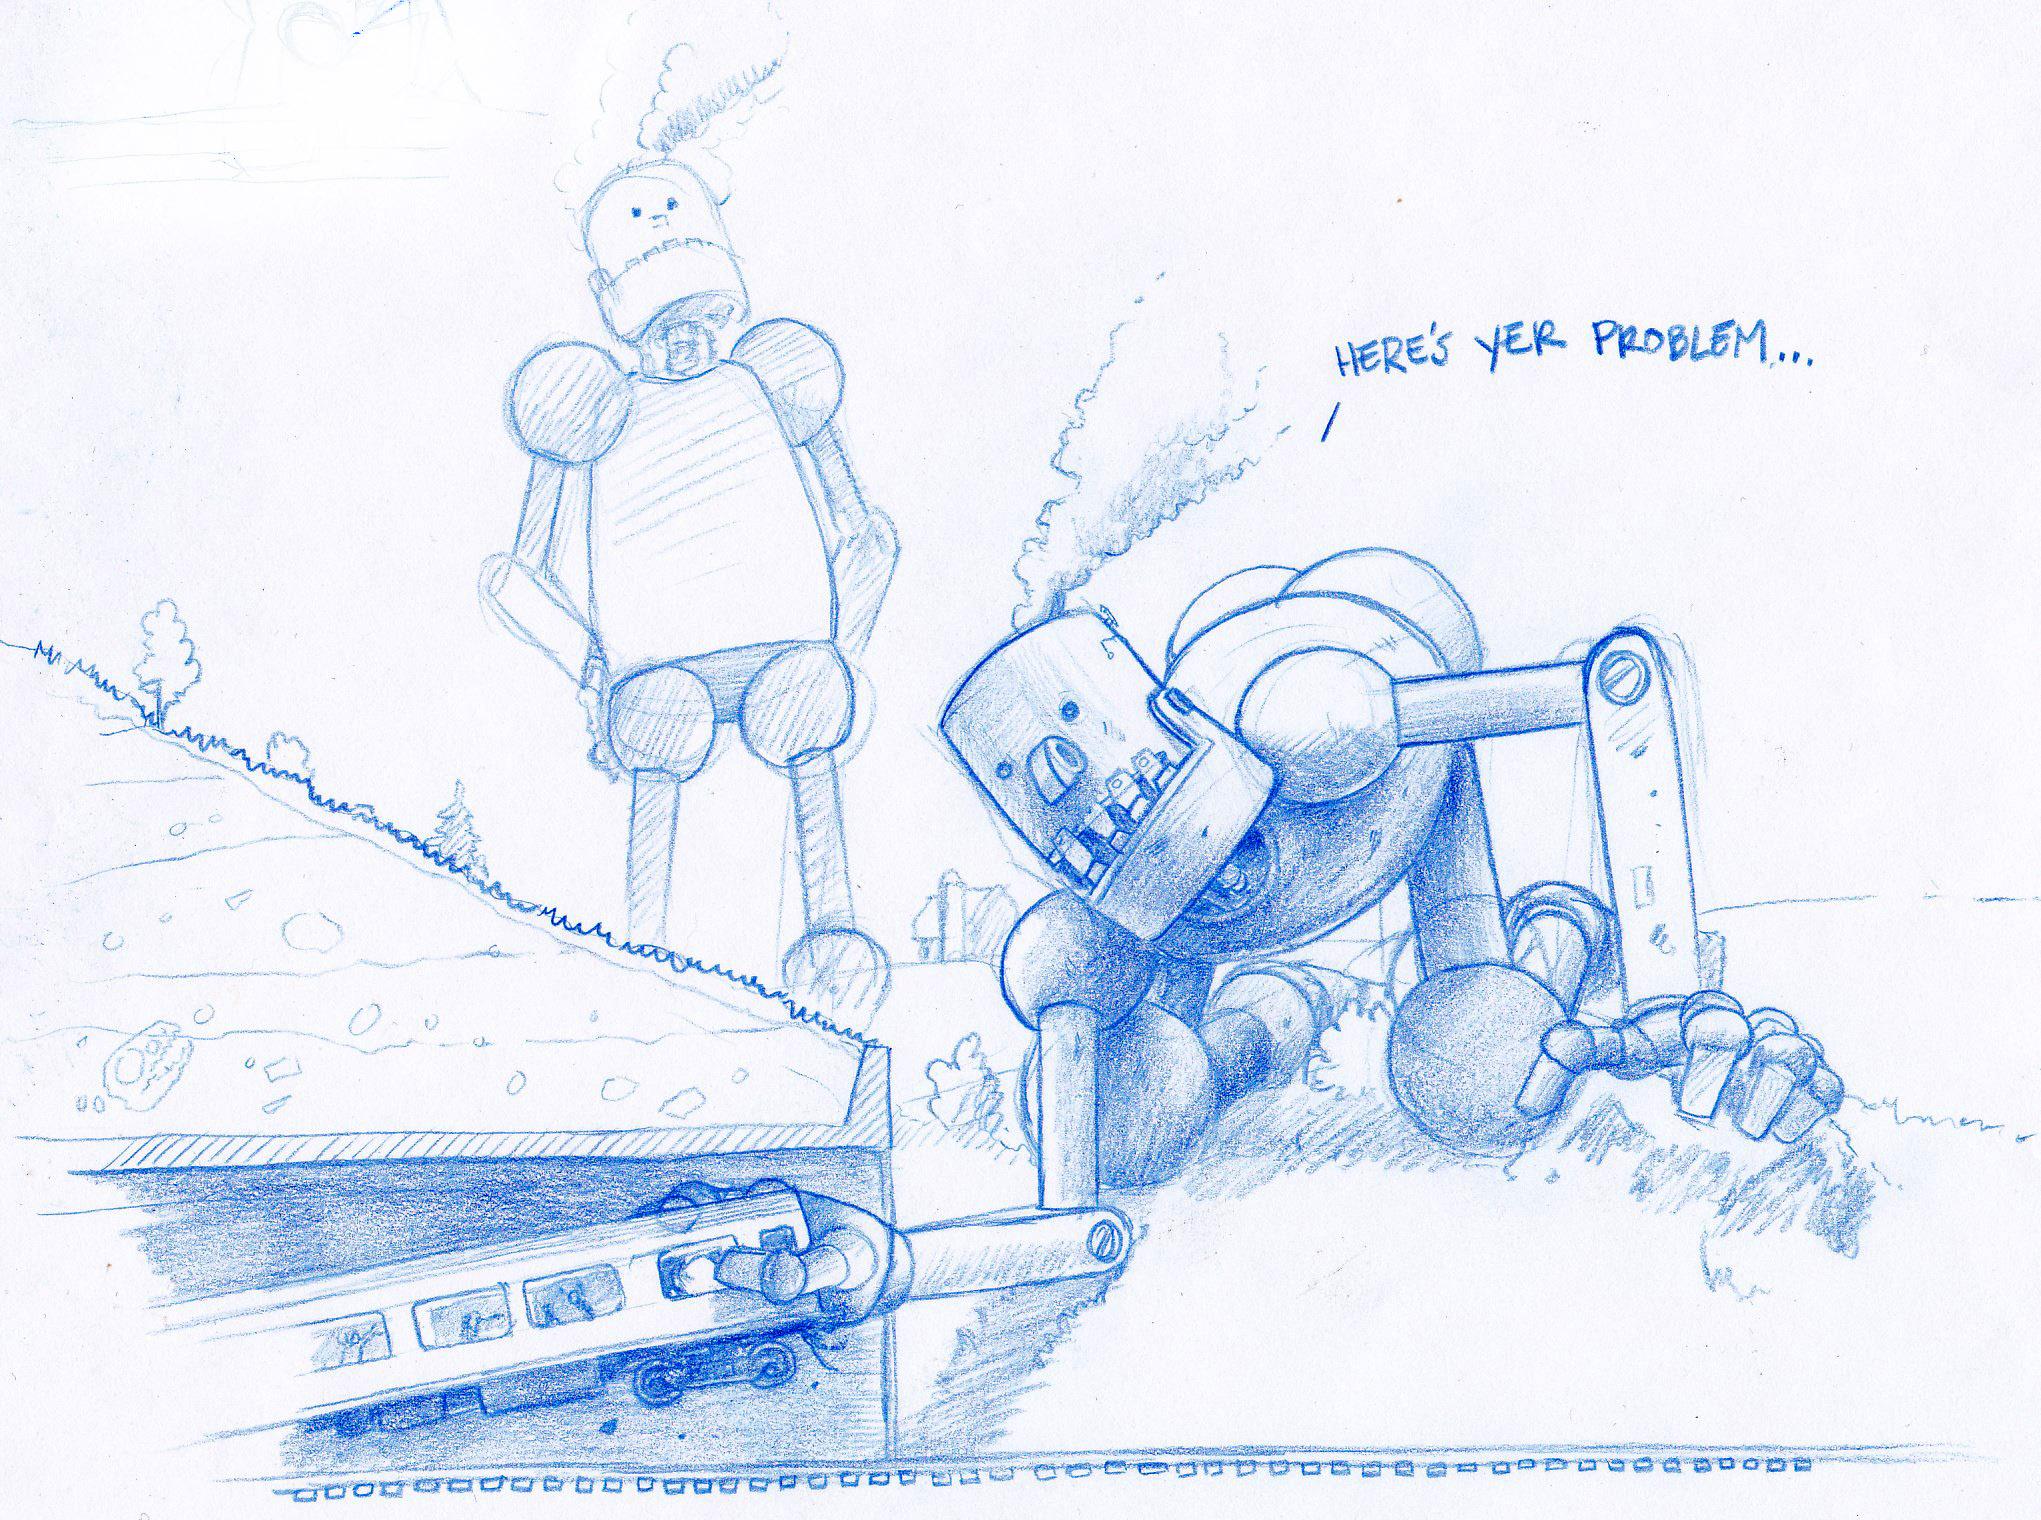 Even giant robots need plumbers.